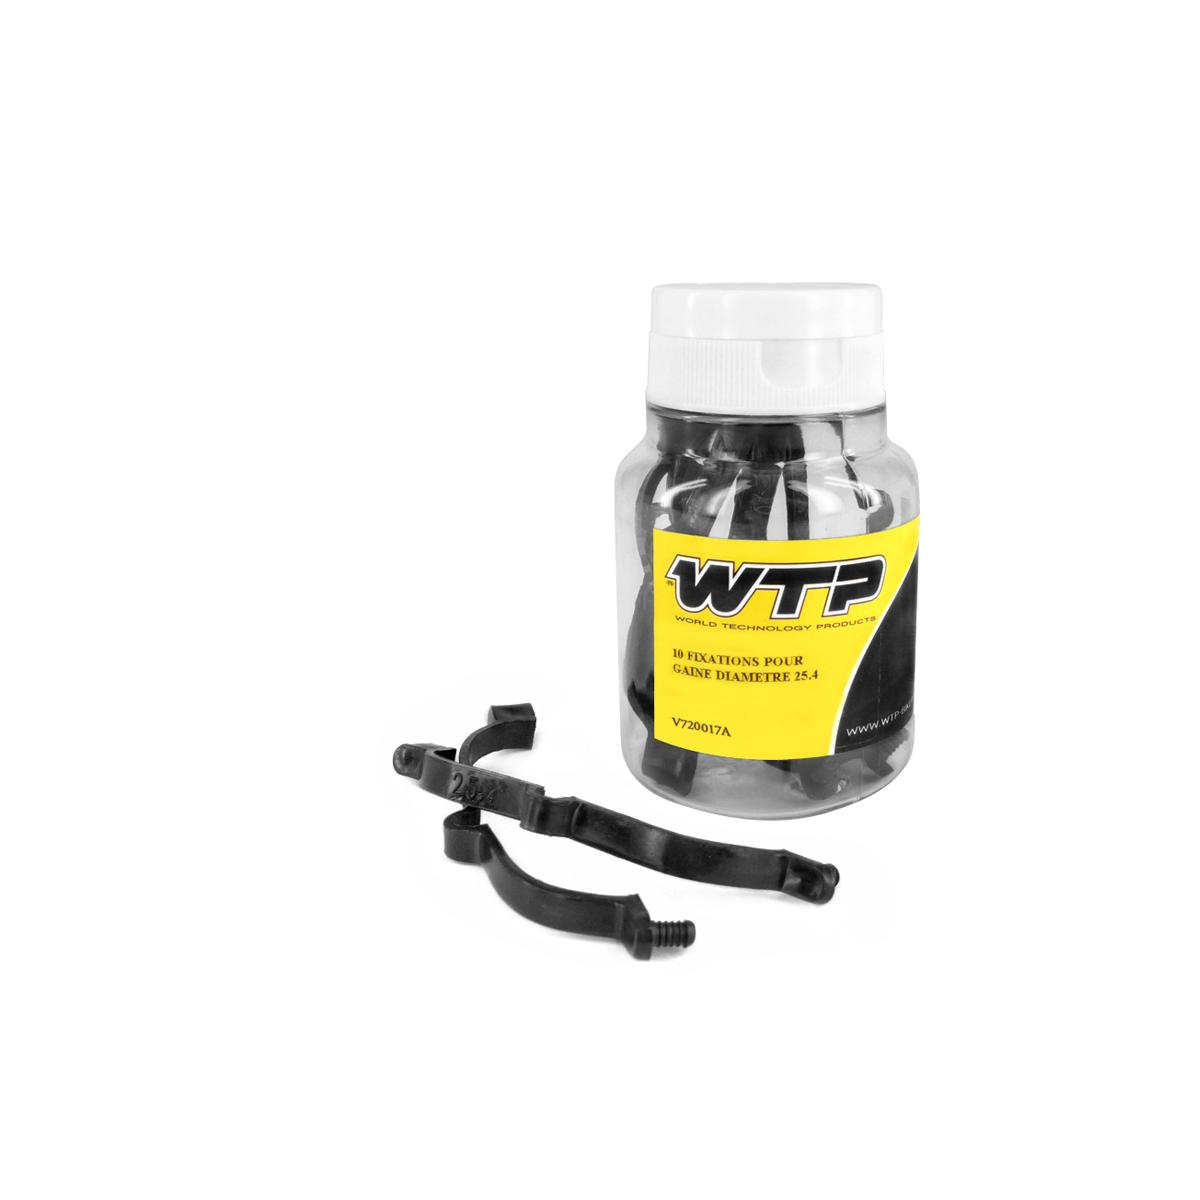 Boîte 10 fixations WTP pour gaine D. 25,4 mm